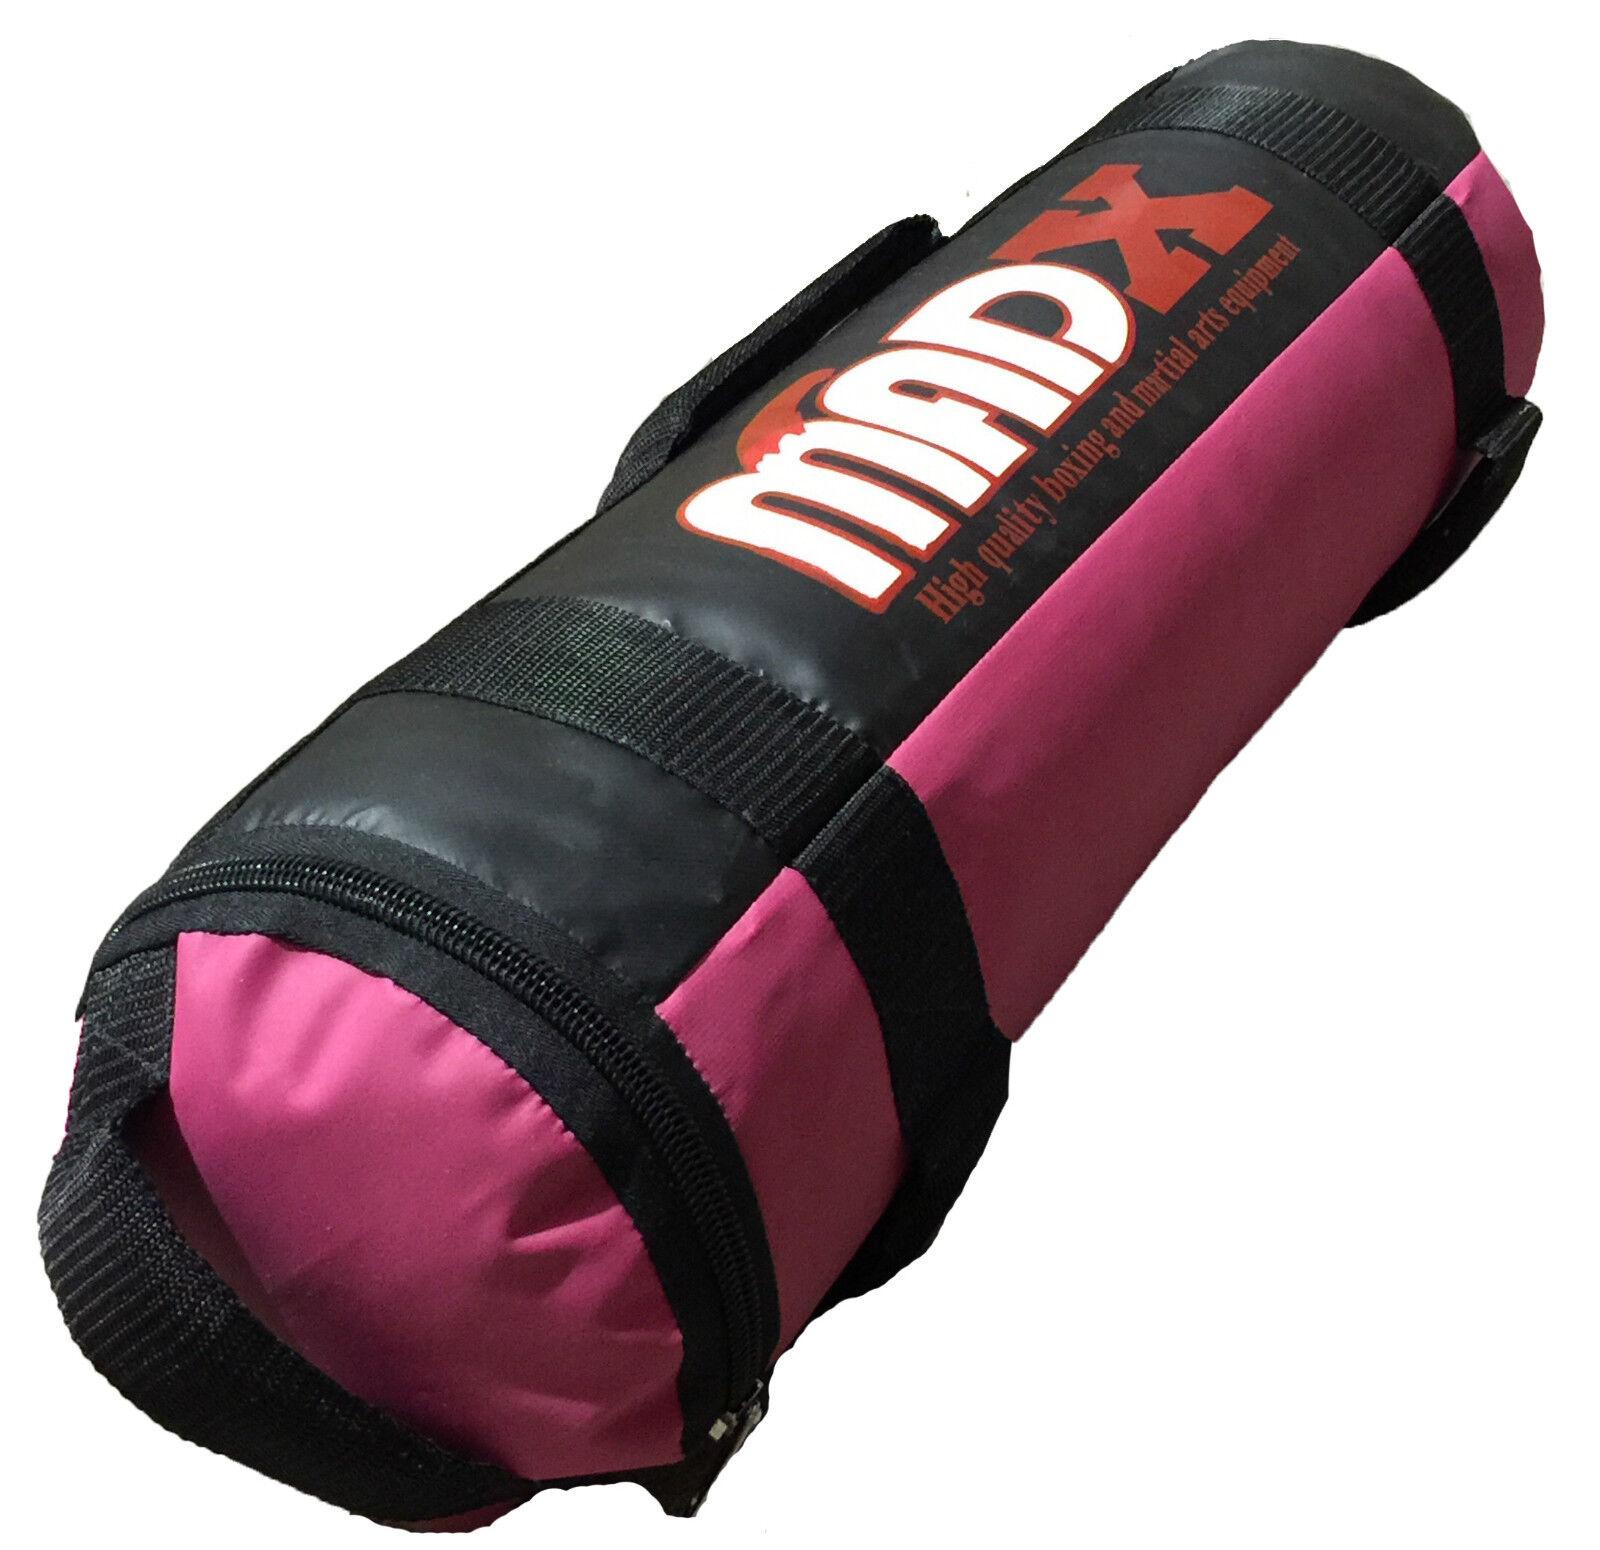 MADX 5kg forza-Tessuto/Sabbia Riempita Borsa CROSSFIT BOXE MMA Allenamento Fitness